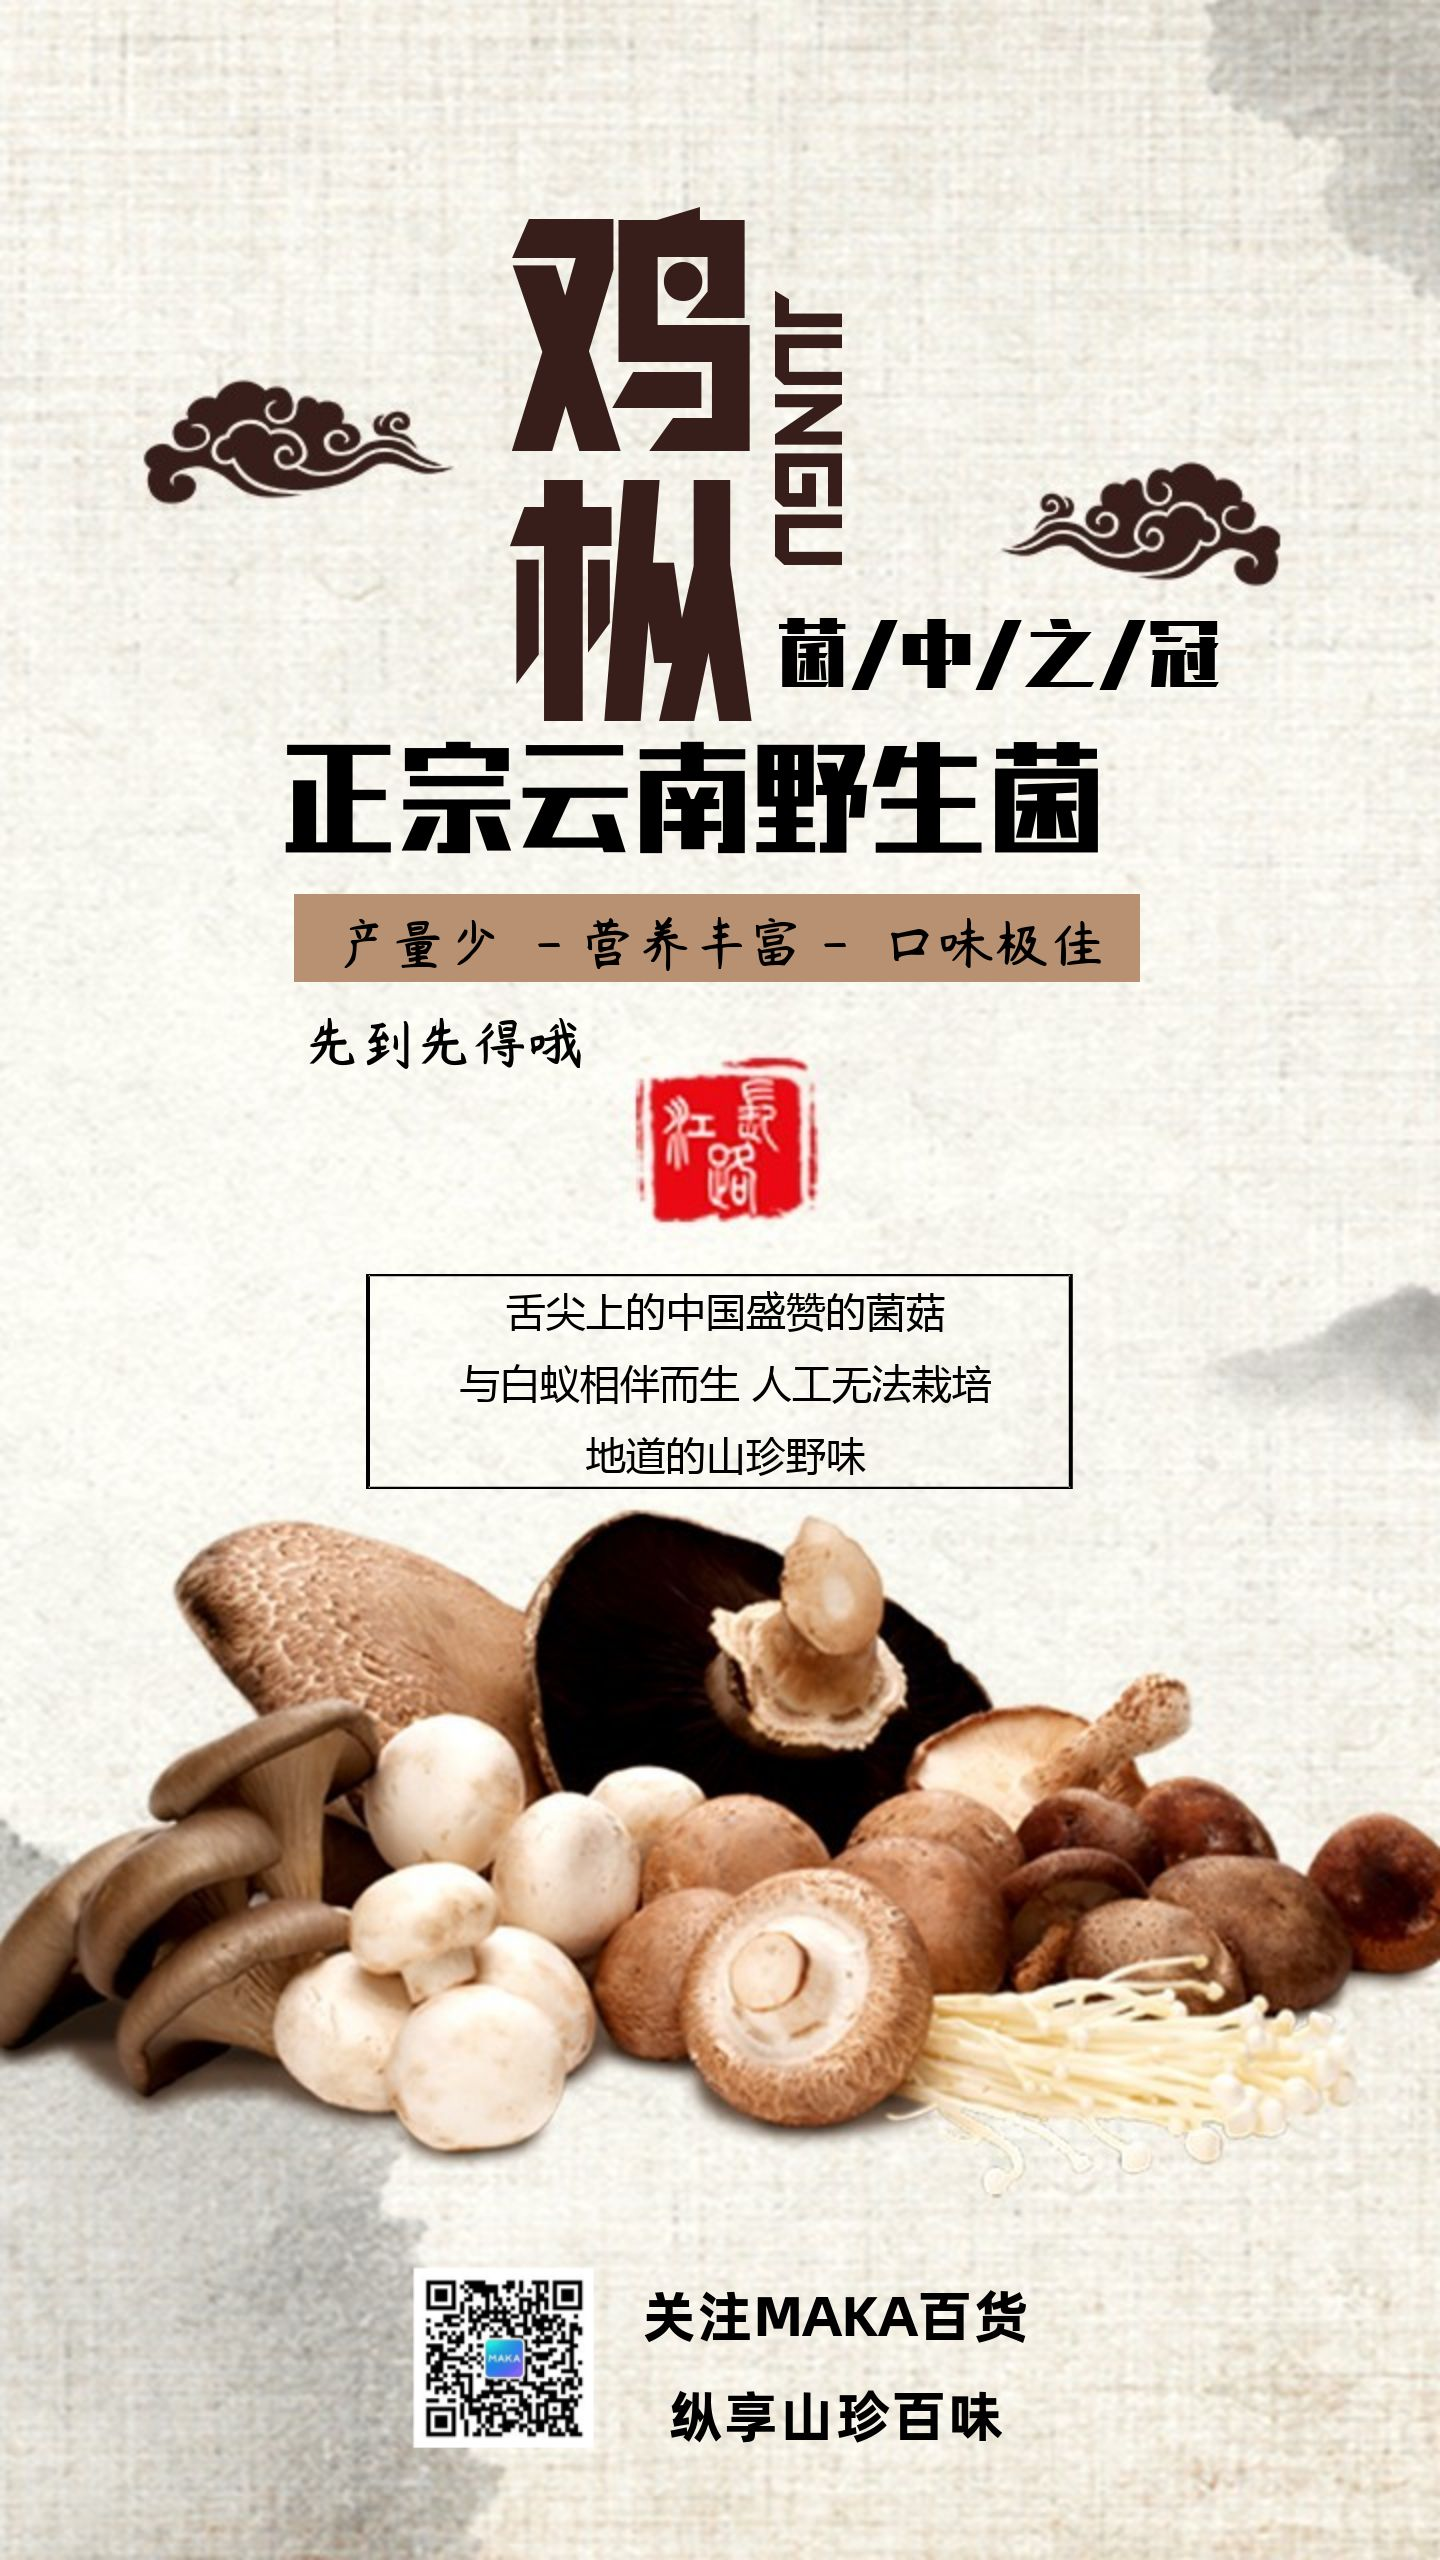 中国风商业零售好货推荐正宗云南野生菌鸡枞宣传海报